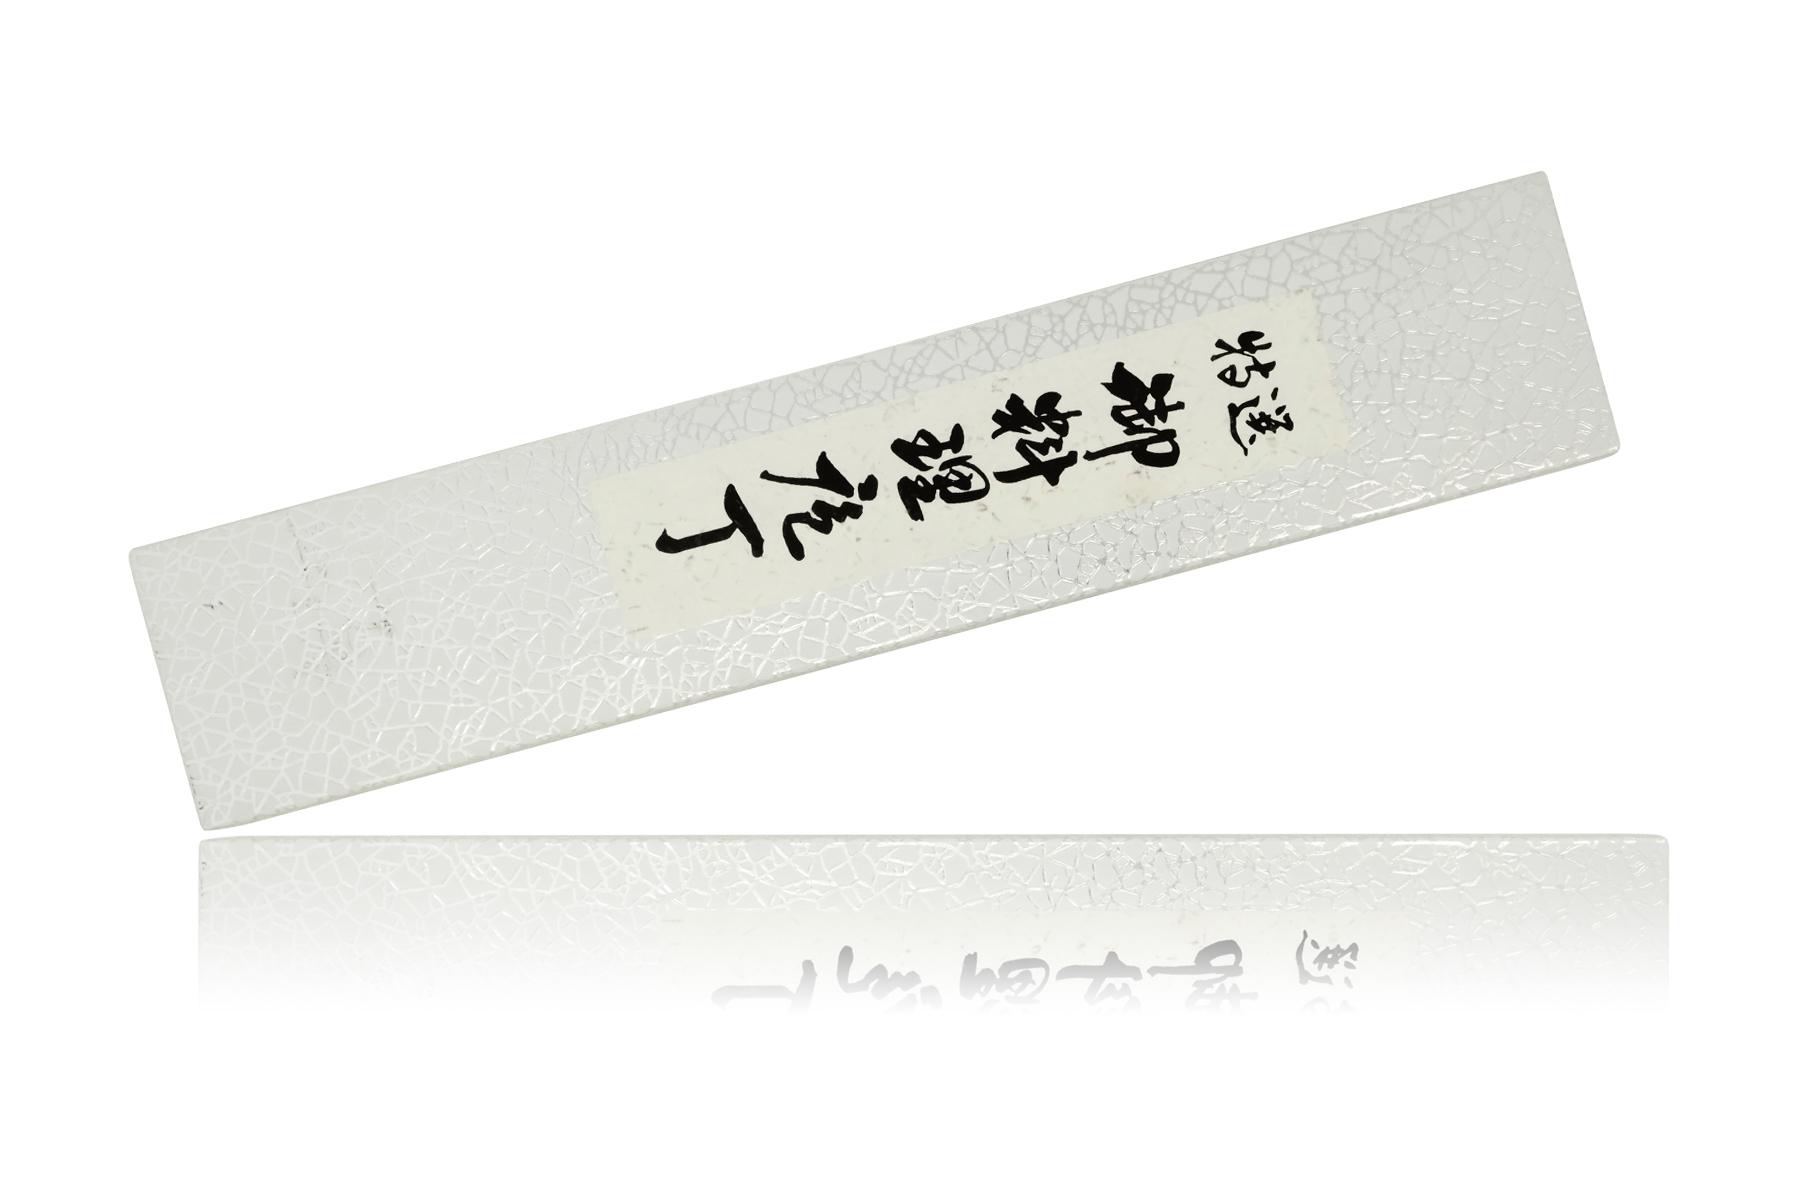 Выкидной нож Корсиканец 2, цвет белый